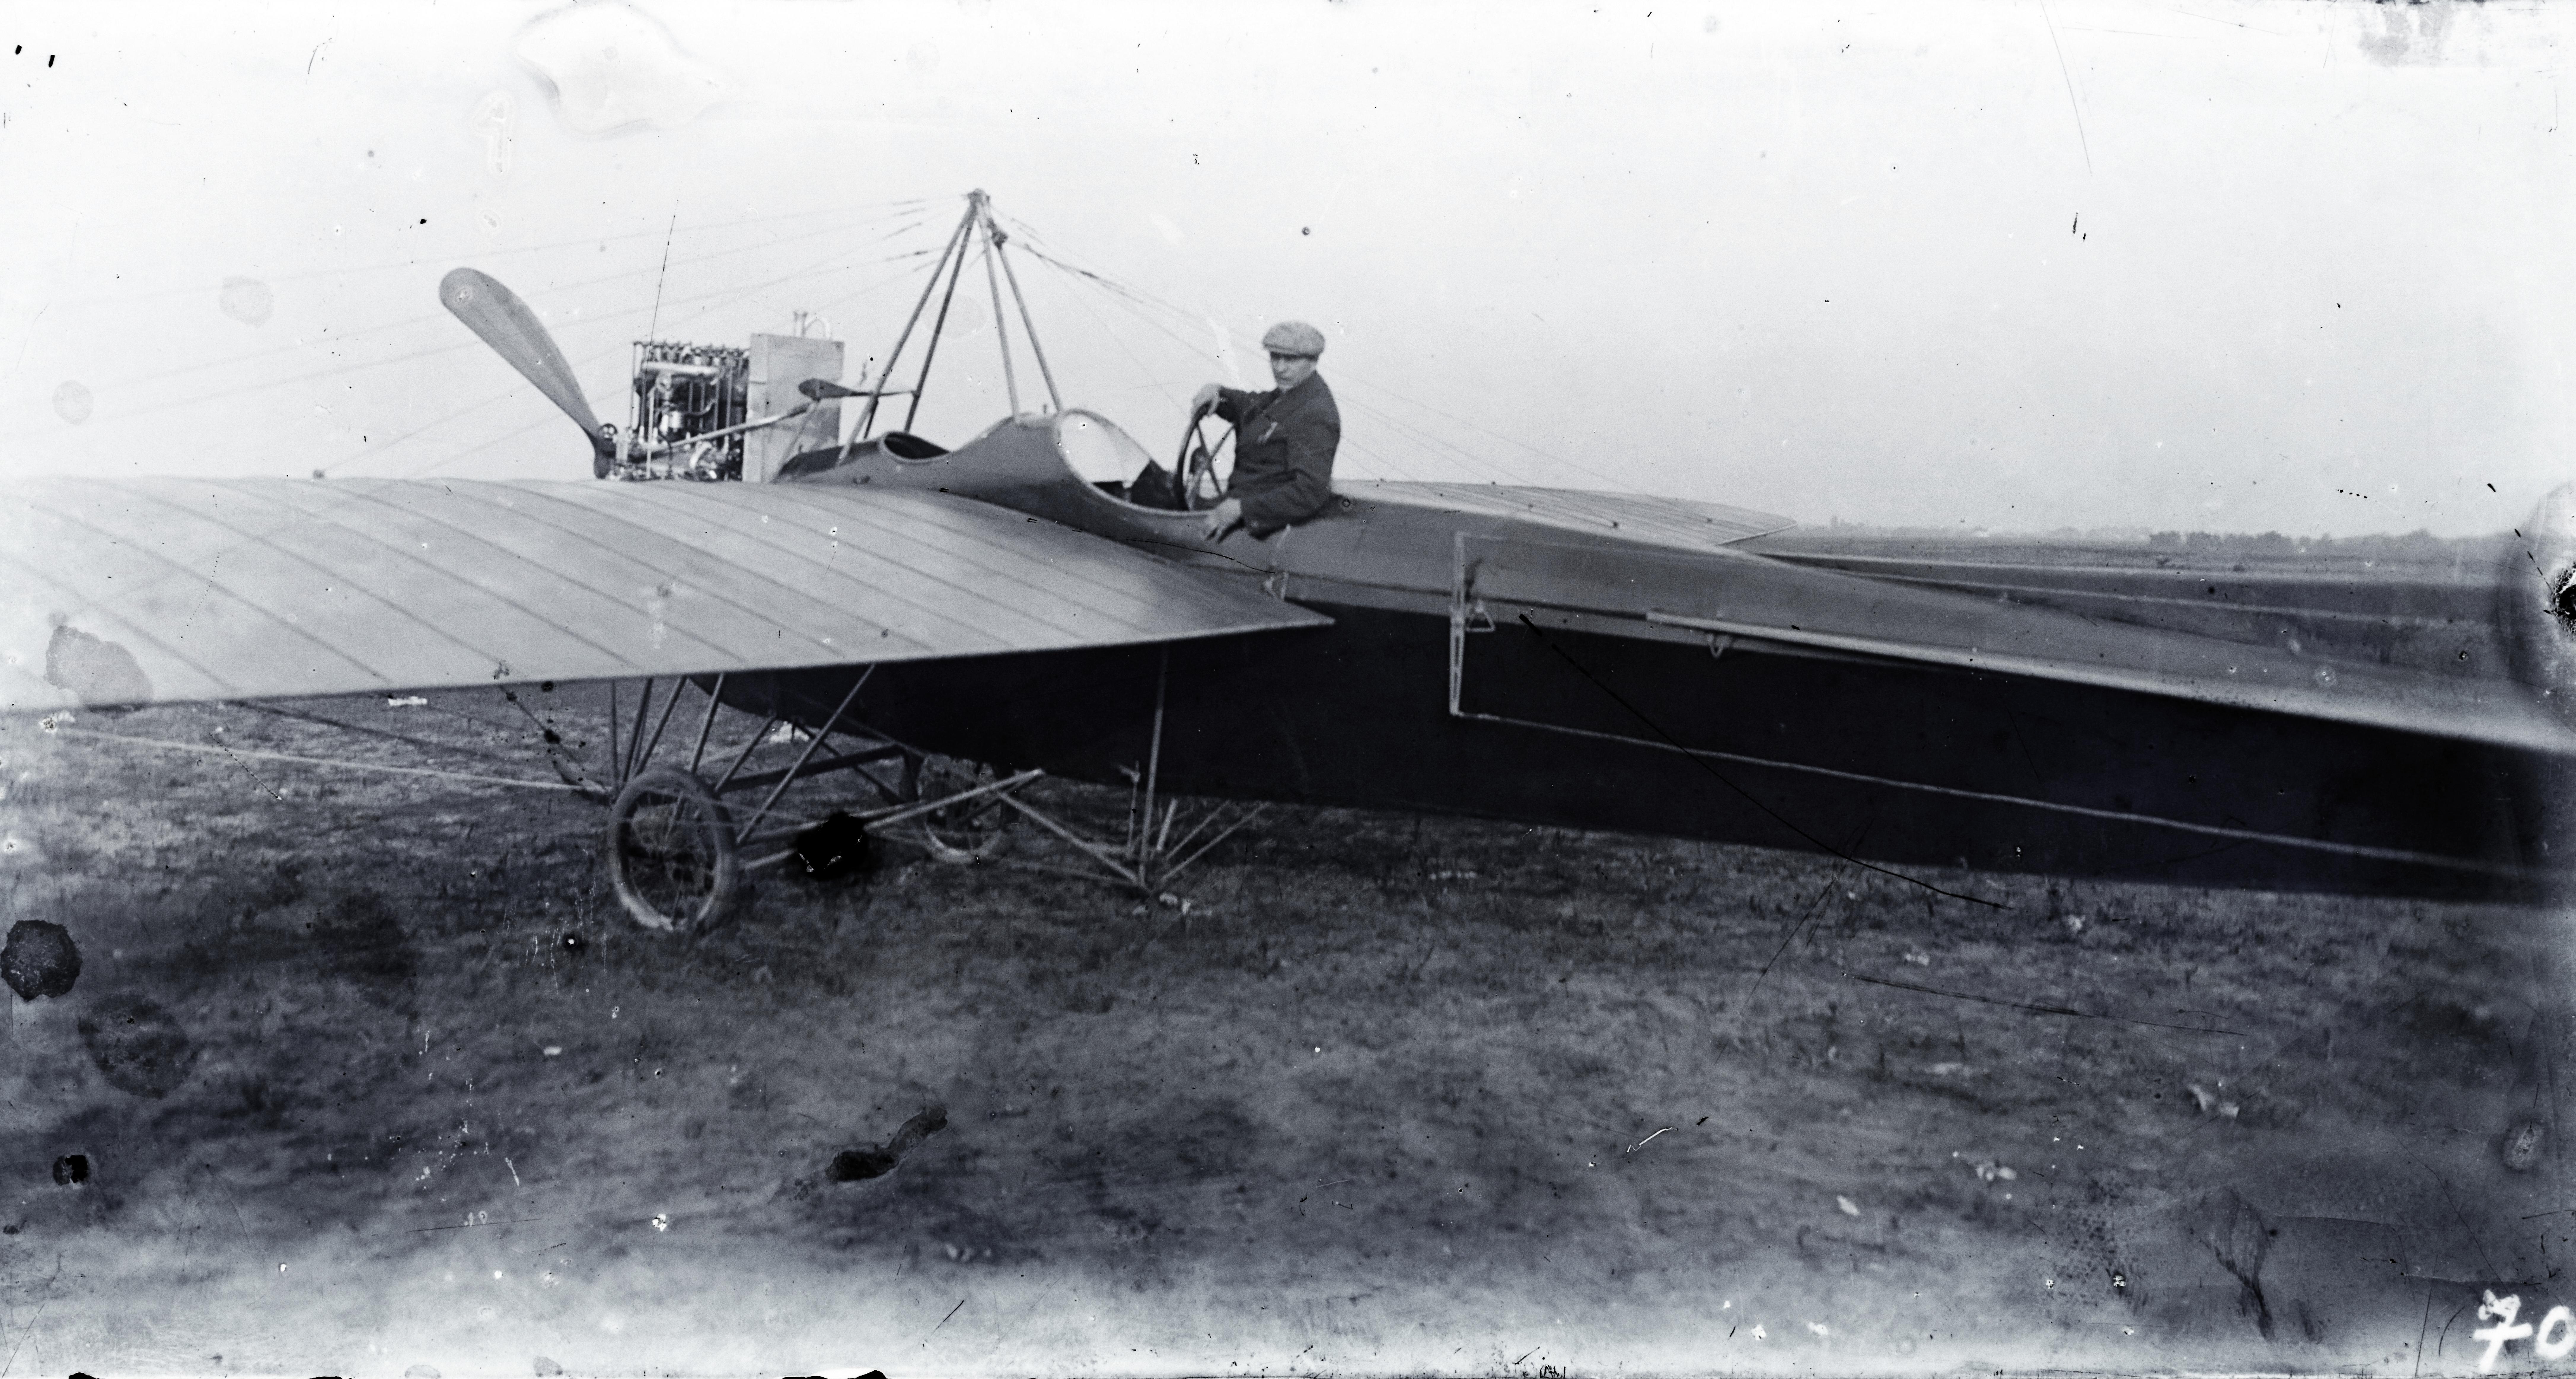 Fortepan / Magyar Műszaki és Közlekedési Múzeum / Archívum / Negatívtár-Kolbányi-V. típusú repülőgép - Argus 100 Le-s motorral - Rákosmezőn, 1911